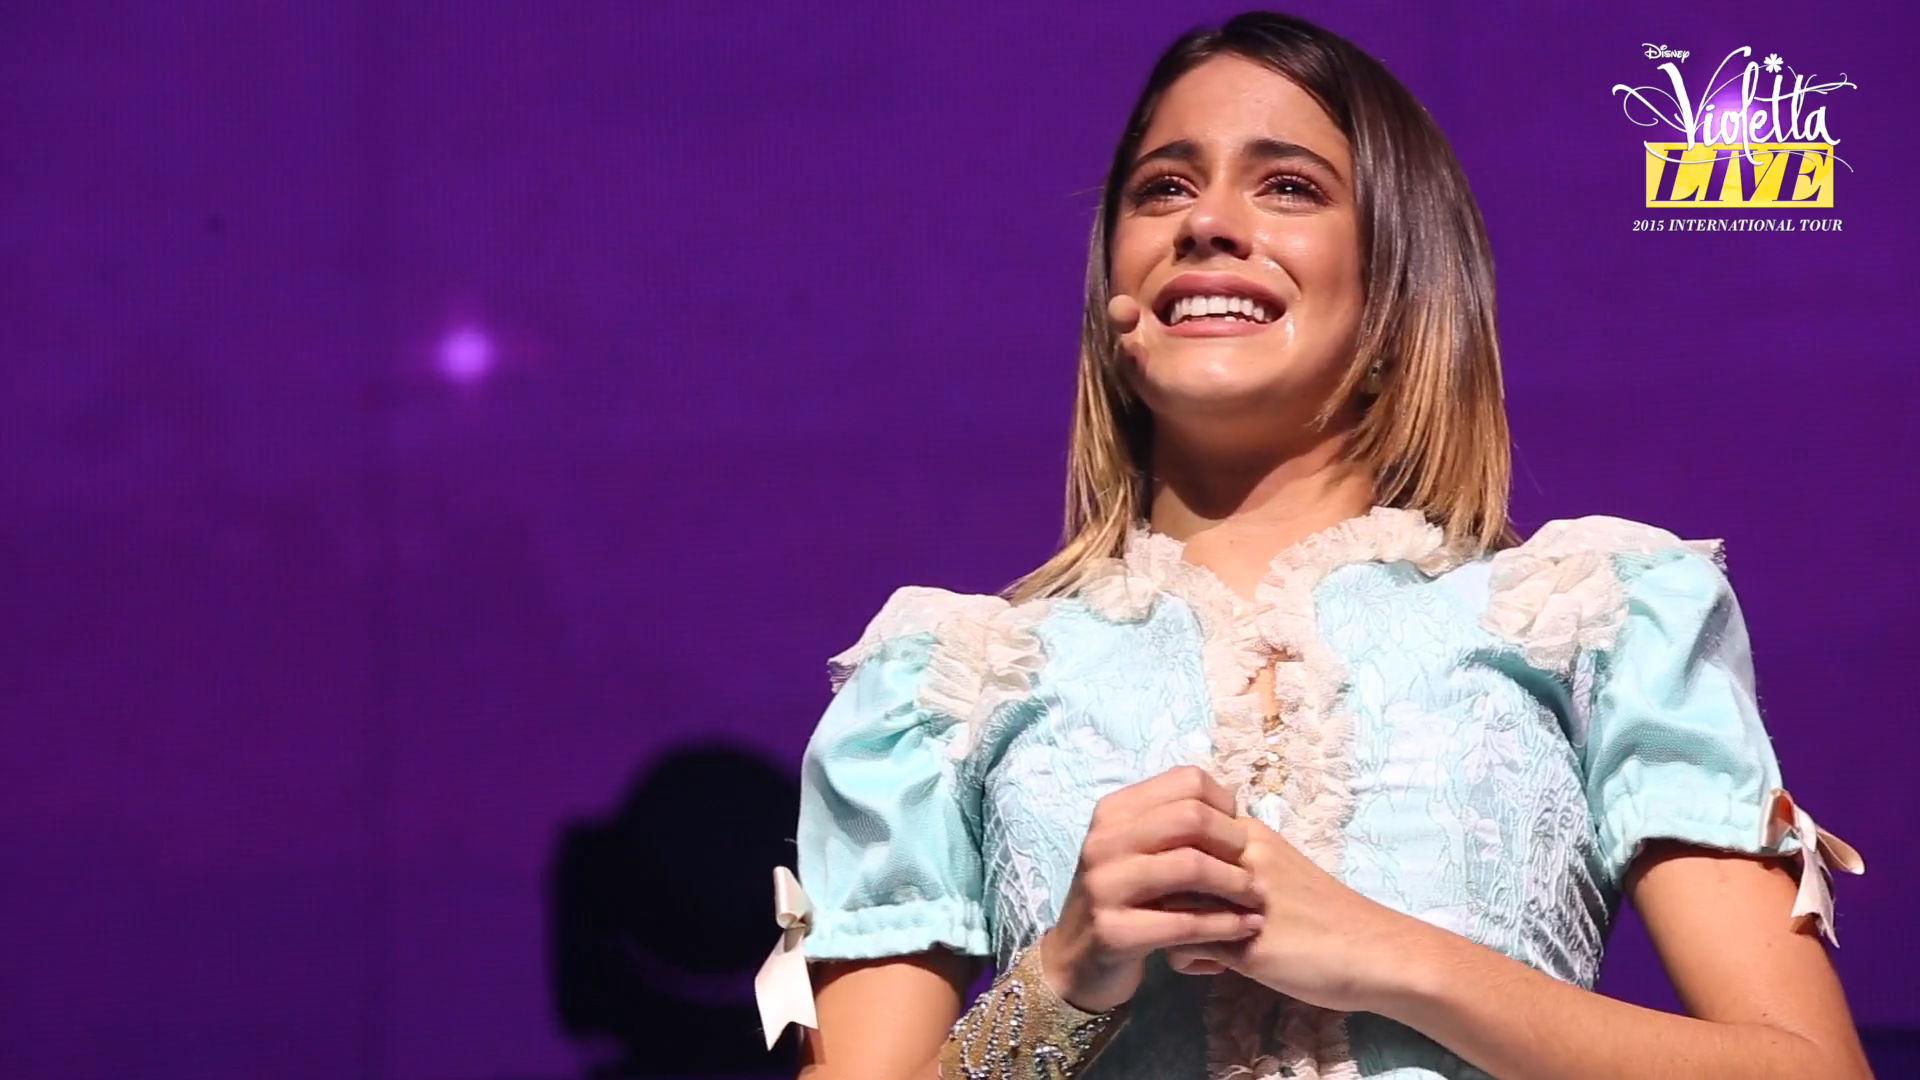 Violetta Live – Resumen Gira Despedida 2015